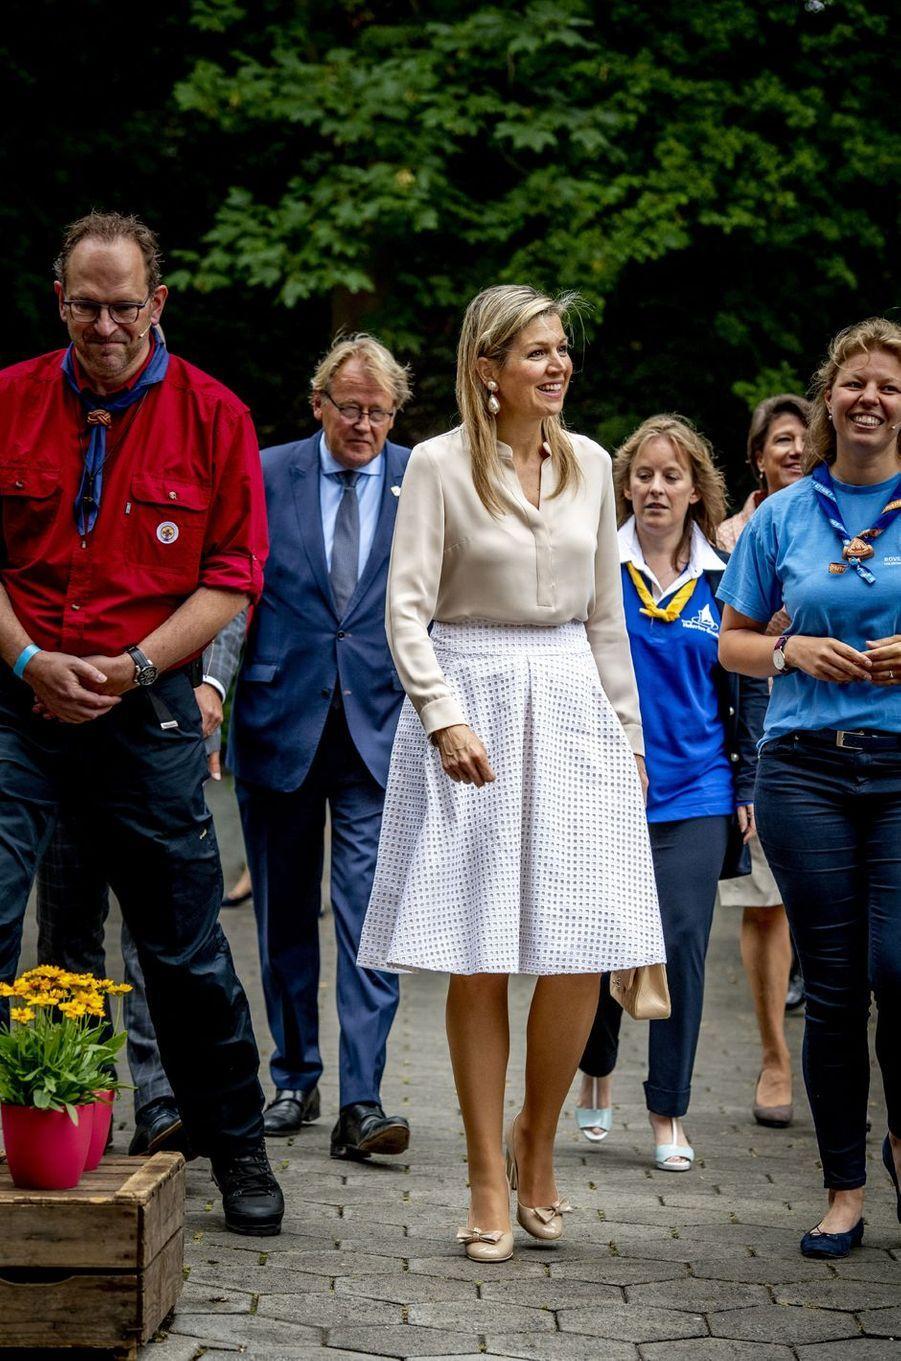 La reine Maxima des Pays-Bas rencontre les organisateurs du Roverway 2018 à Voorburg, le 10 juillet 2018